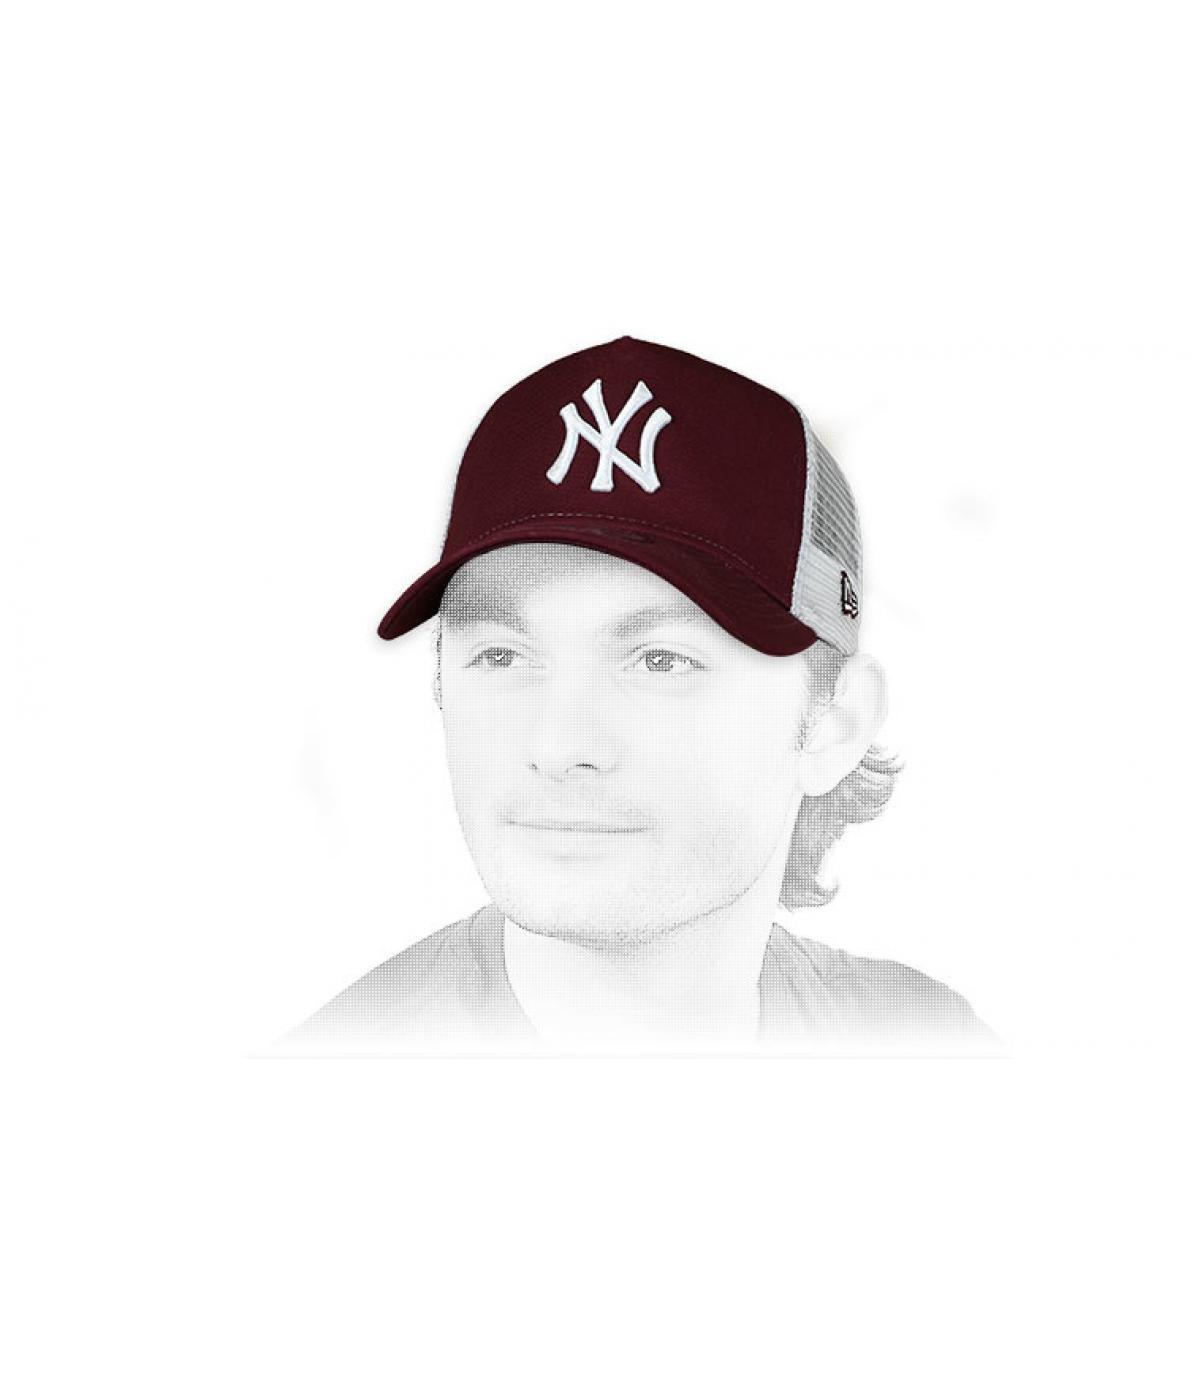 Camionista bordeaux bianco NY